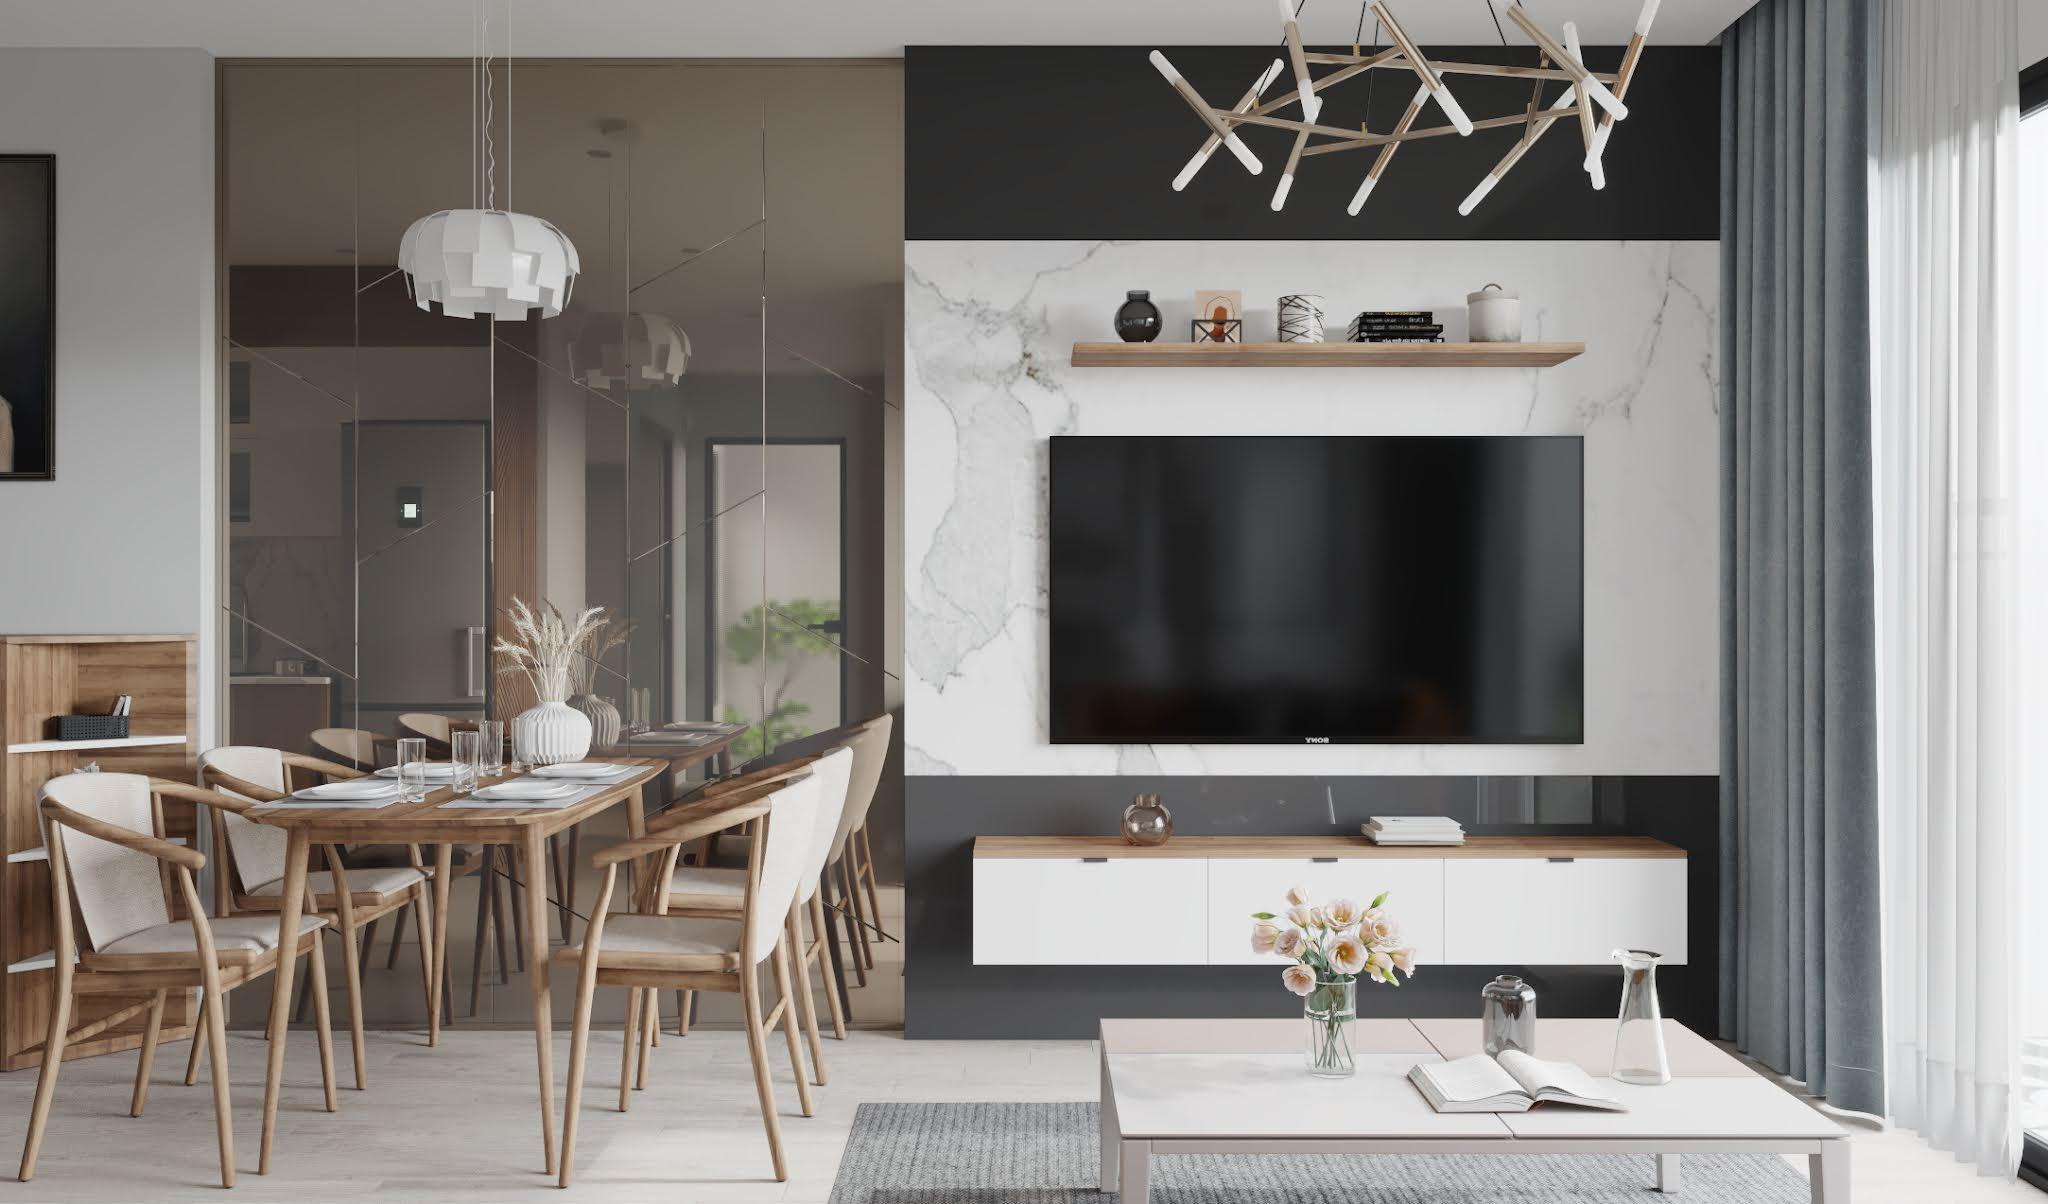 Thiết kế nội thất căn hộ 55m2 Vinhomes Smart City Tây Mỗ